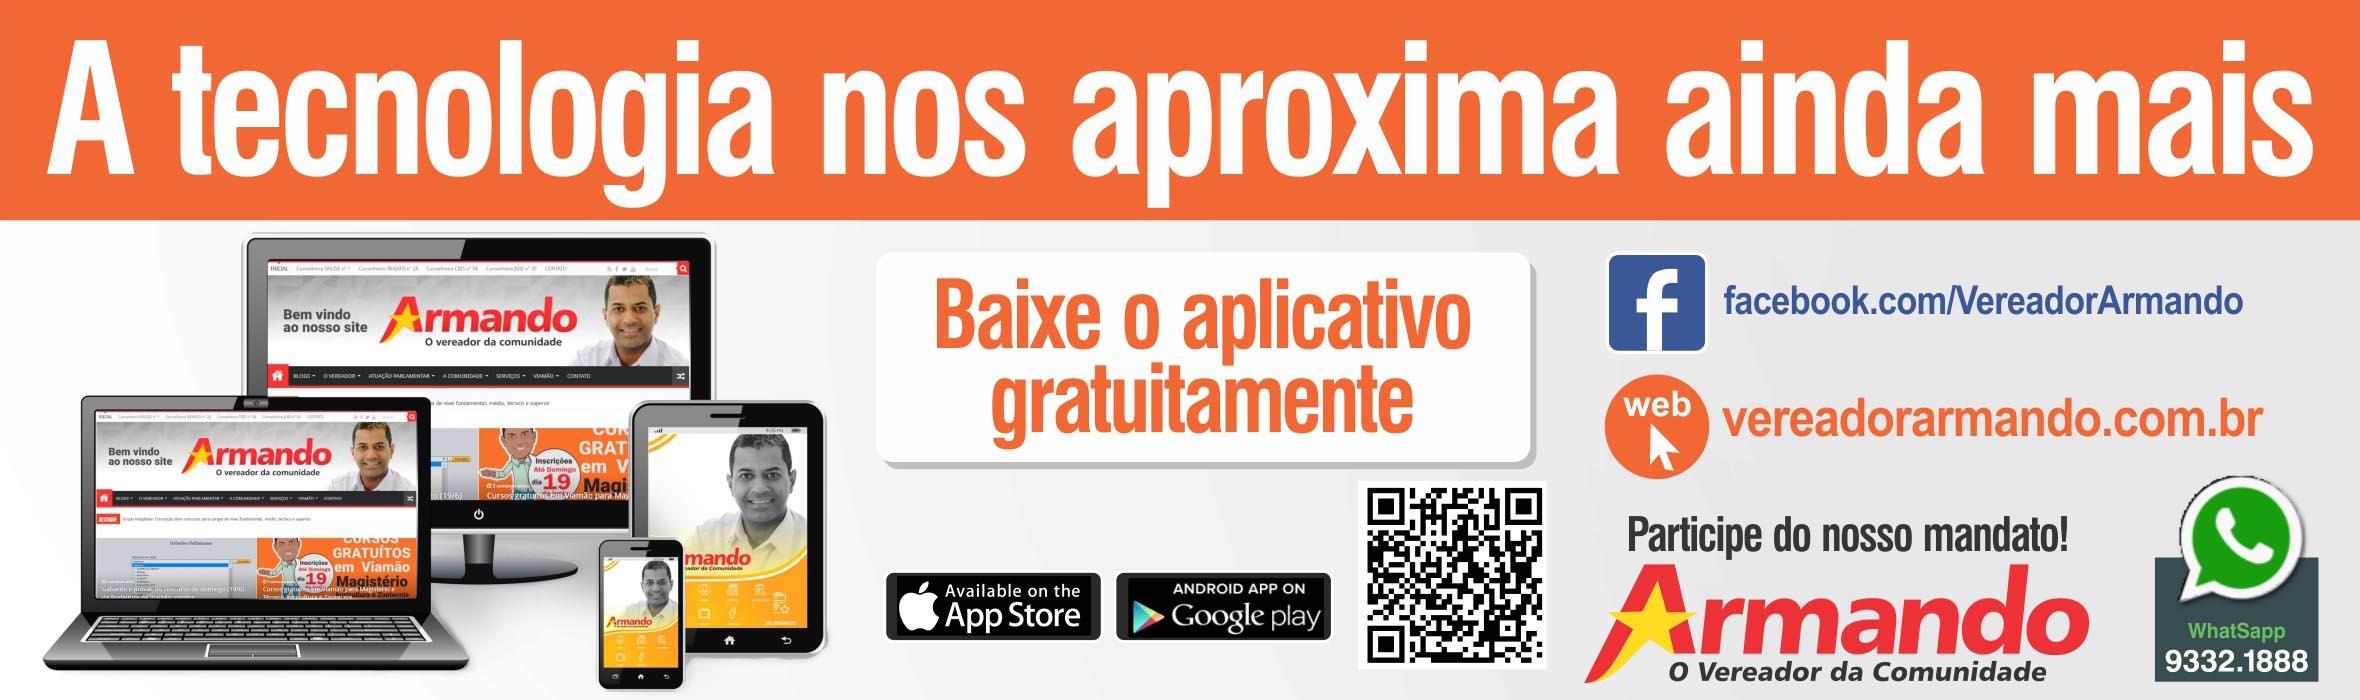 aplicativo _vereadorarmando.com.brr